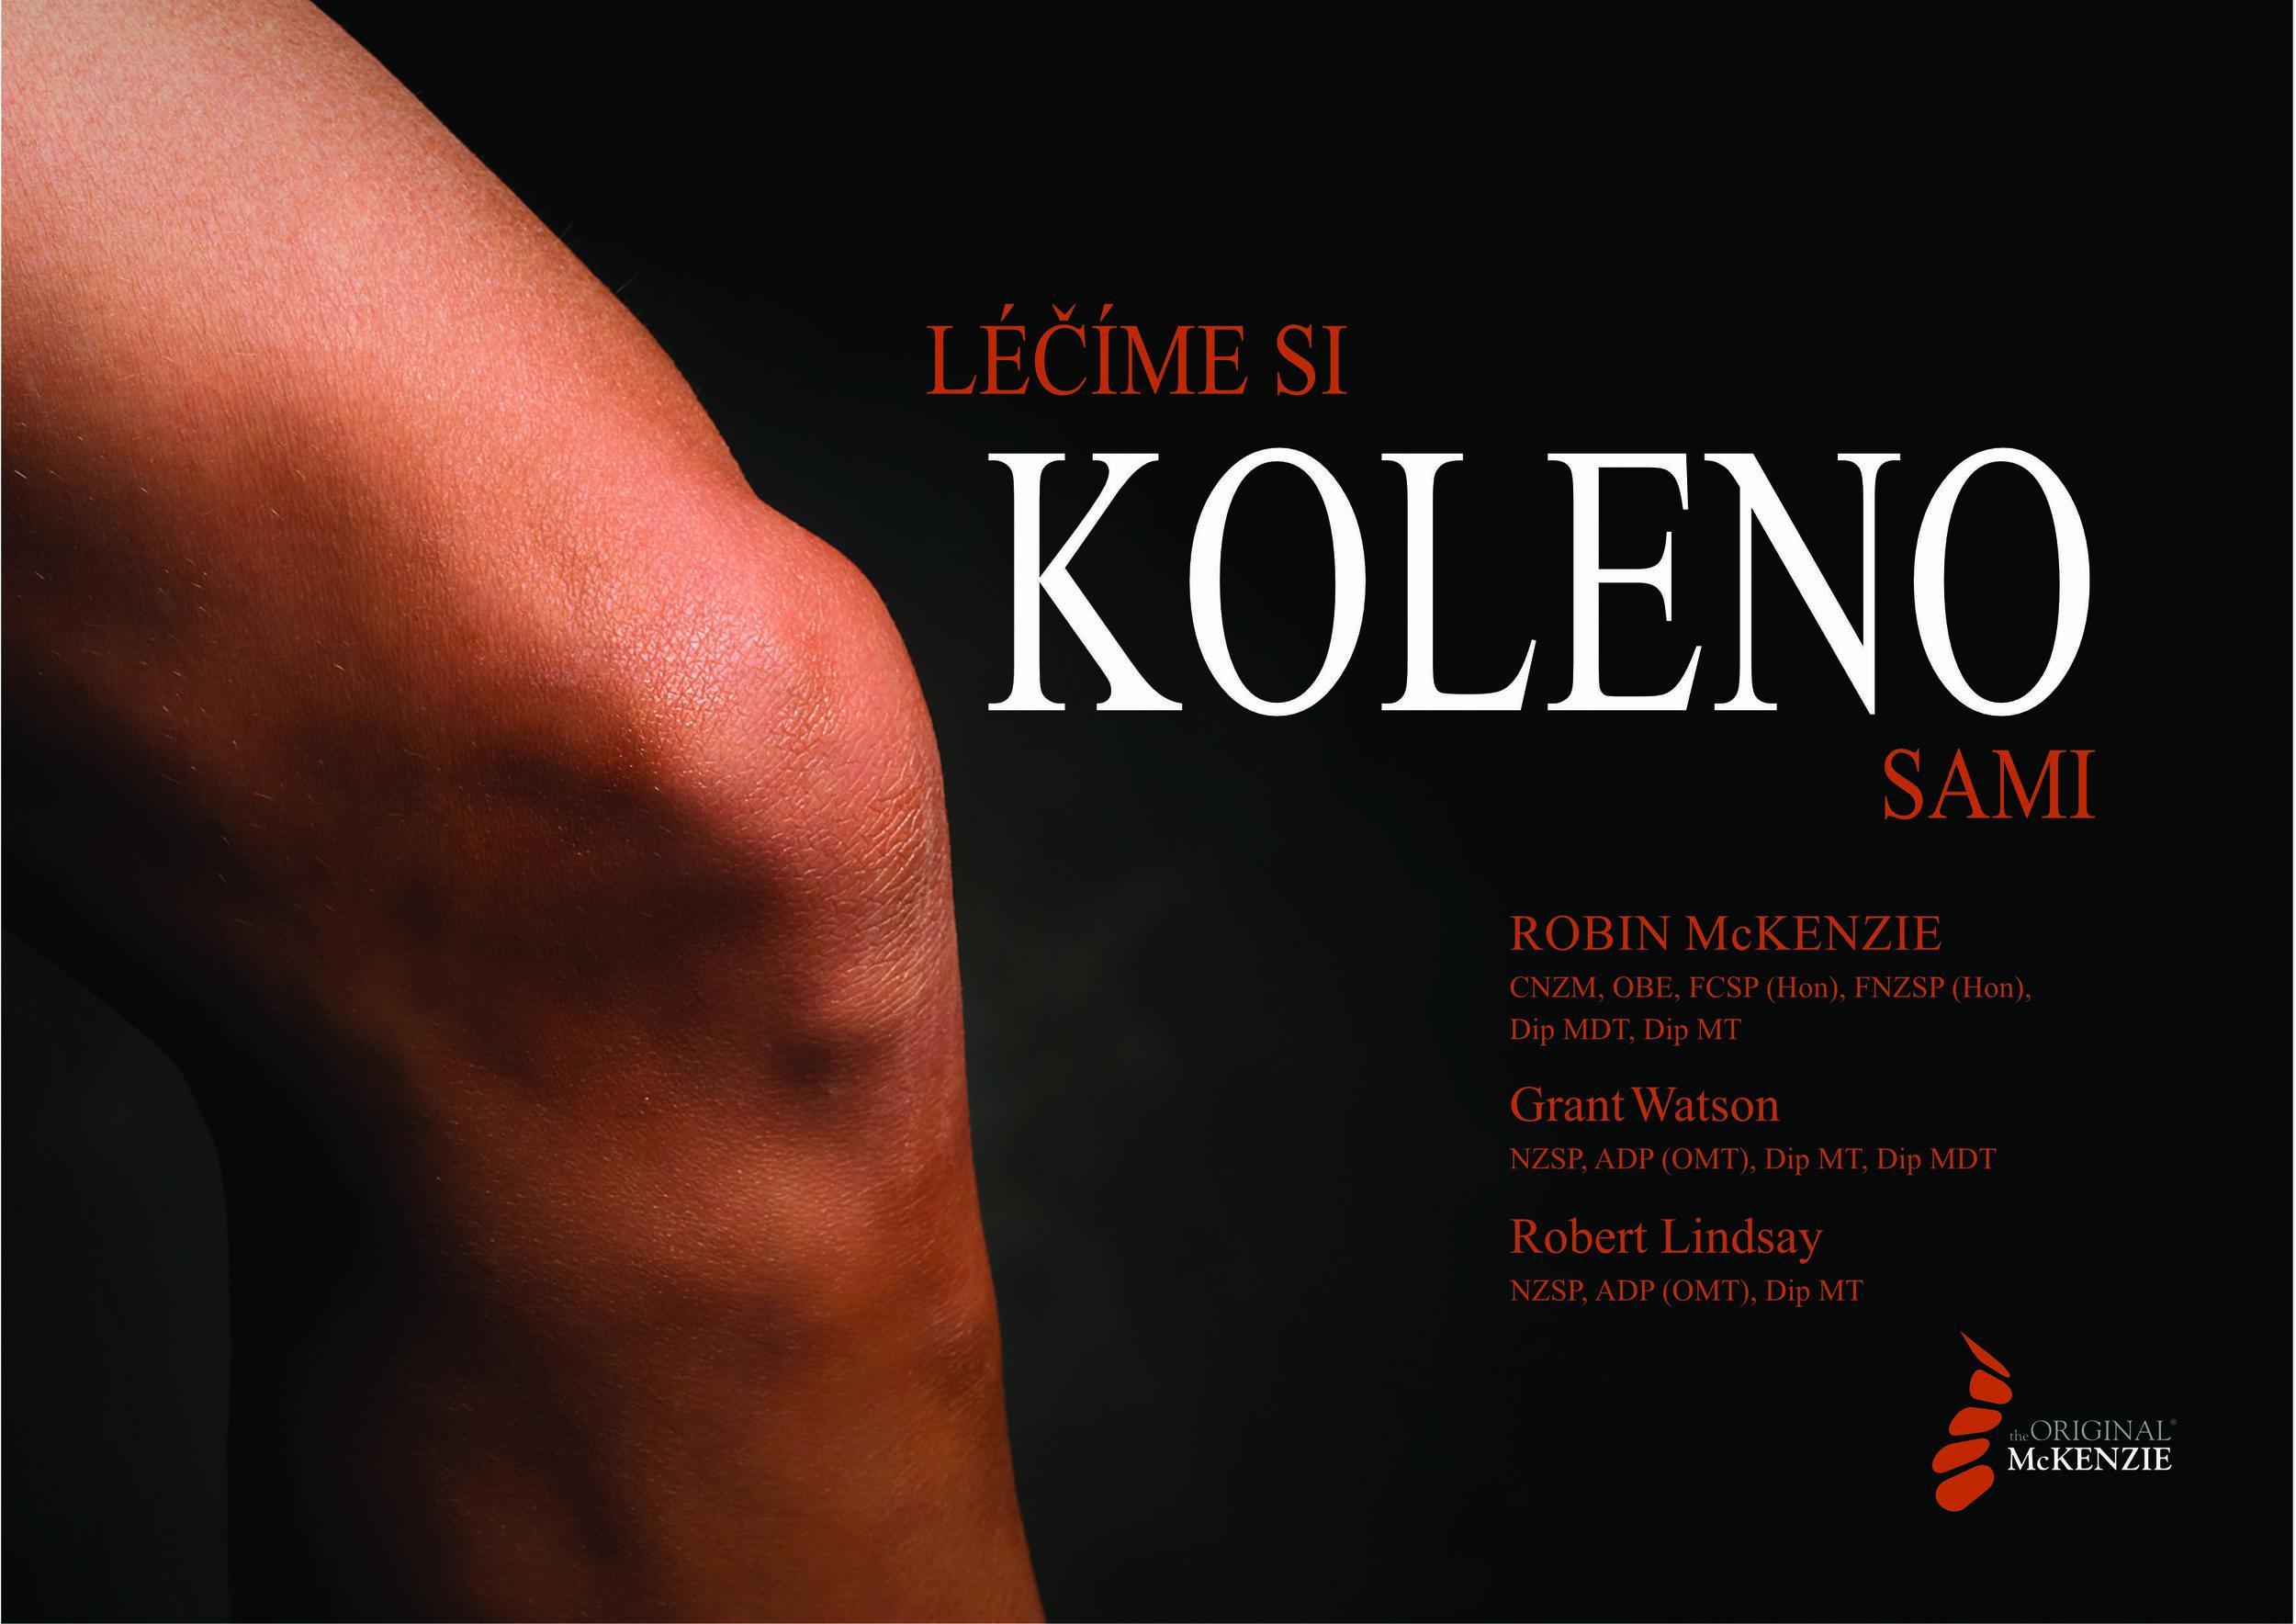 Balíček 4 kníh od Robina McKenzie - Léčíme si záda samiLéčíme si bolesti krční páteře samiLéčíme si koleno samiLéčíme si rameno samiZľava balíčka kníh je 10% z celkovej sumyViac informácií o McKenzie-ho metódewww.mckenzie.skObjednať→